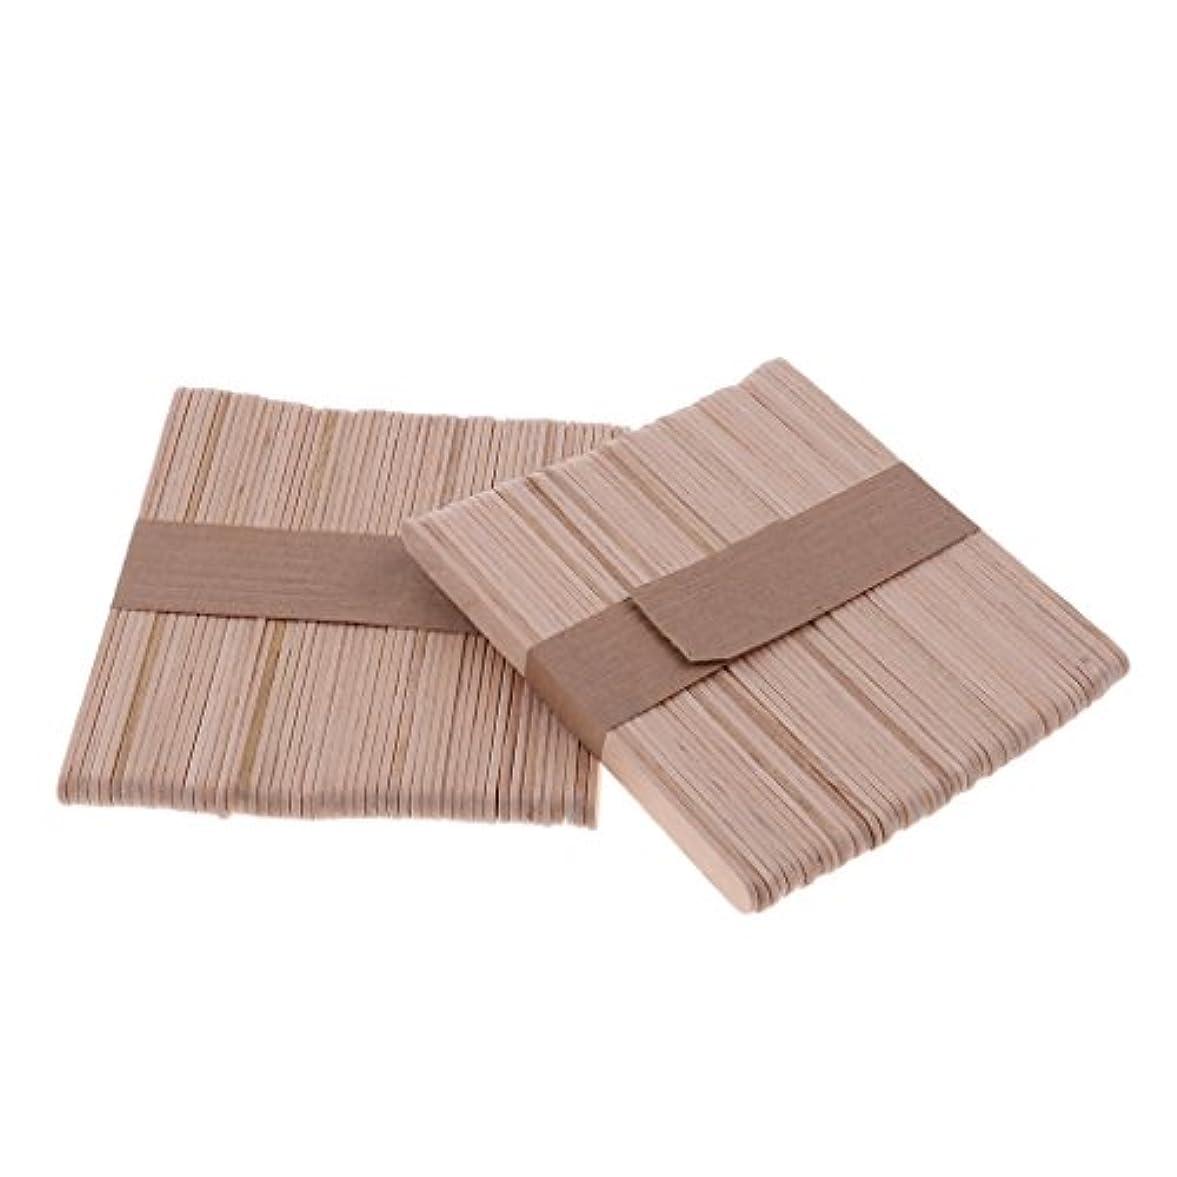 ビザ高度な放つsharprepublic 木材スティック 脱毛 ワックス用 体毛除去 ウッド ワックススパチュラ 便利 200個セット - S